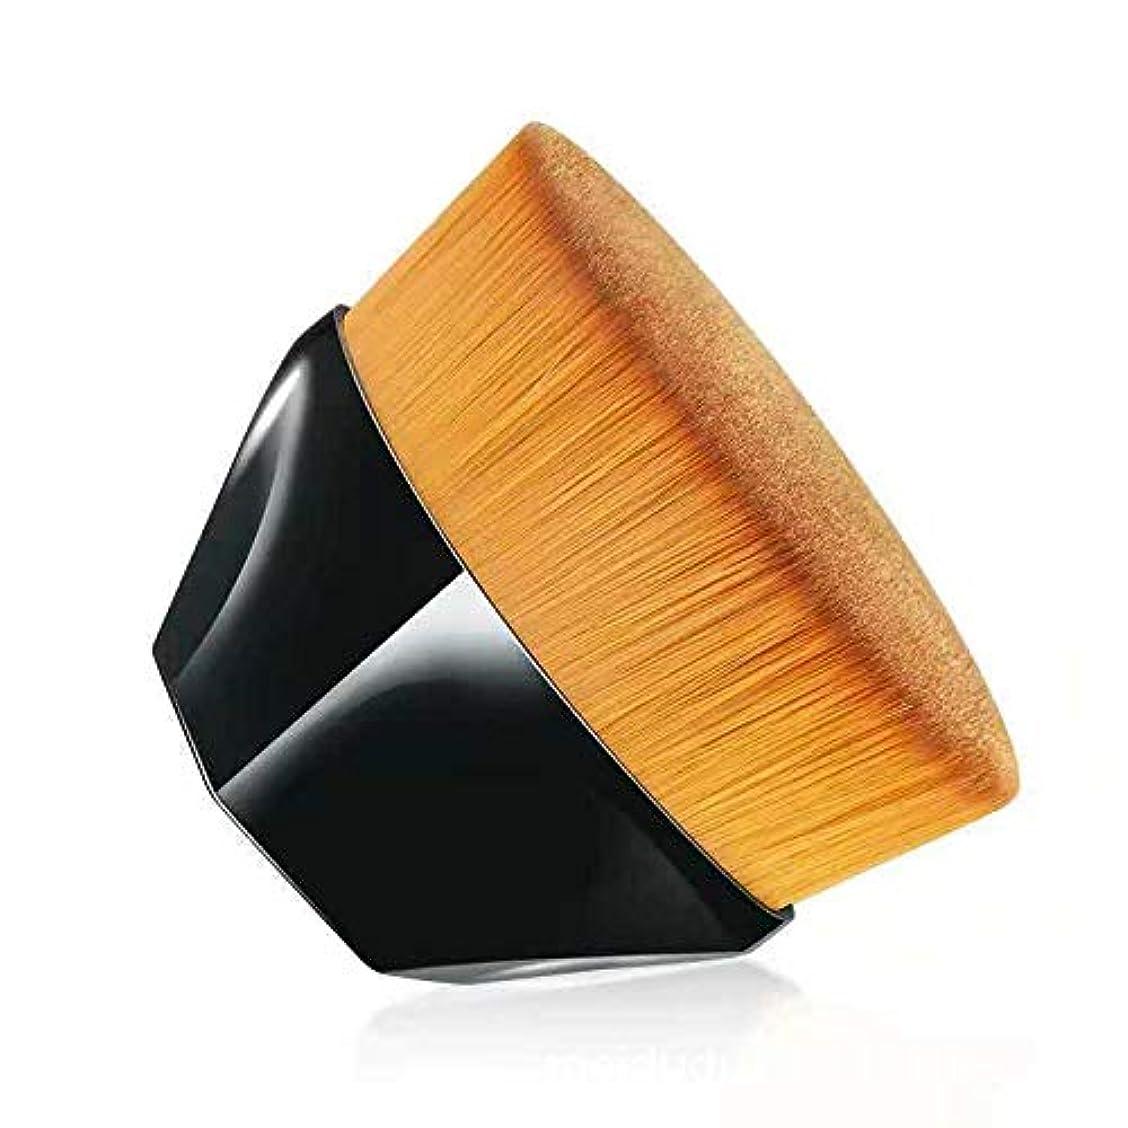 眼仕立て屋奴隷柔らかい高級繊維毛化粧ブラシ 携帯便利メイクアップブラシ?肌にやさしいファンデーションブラシ?化粧筆 (ブラック)